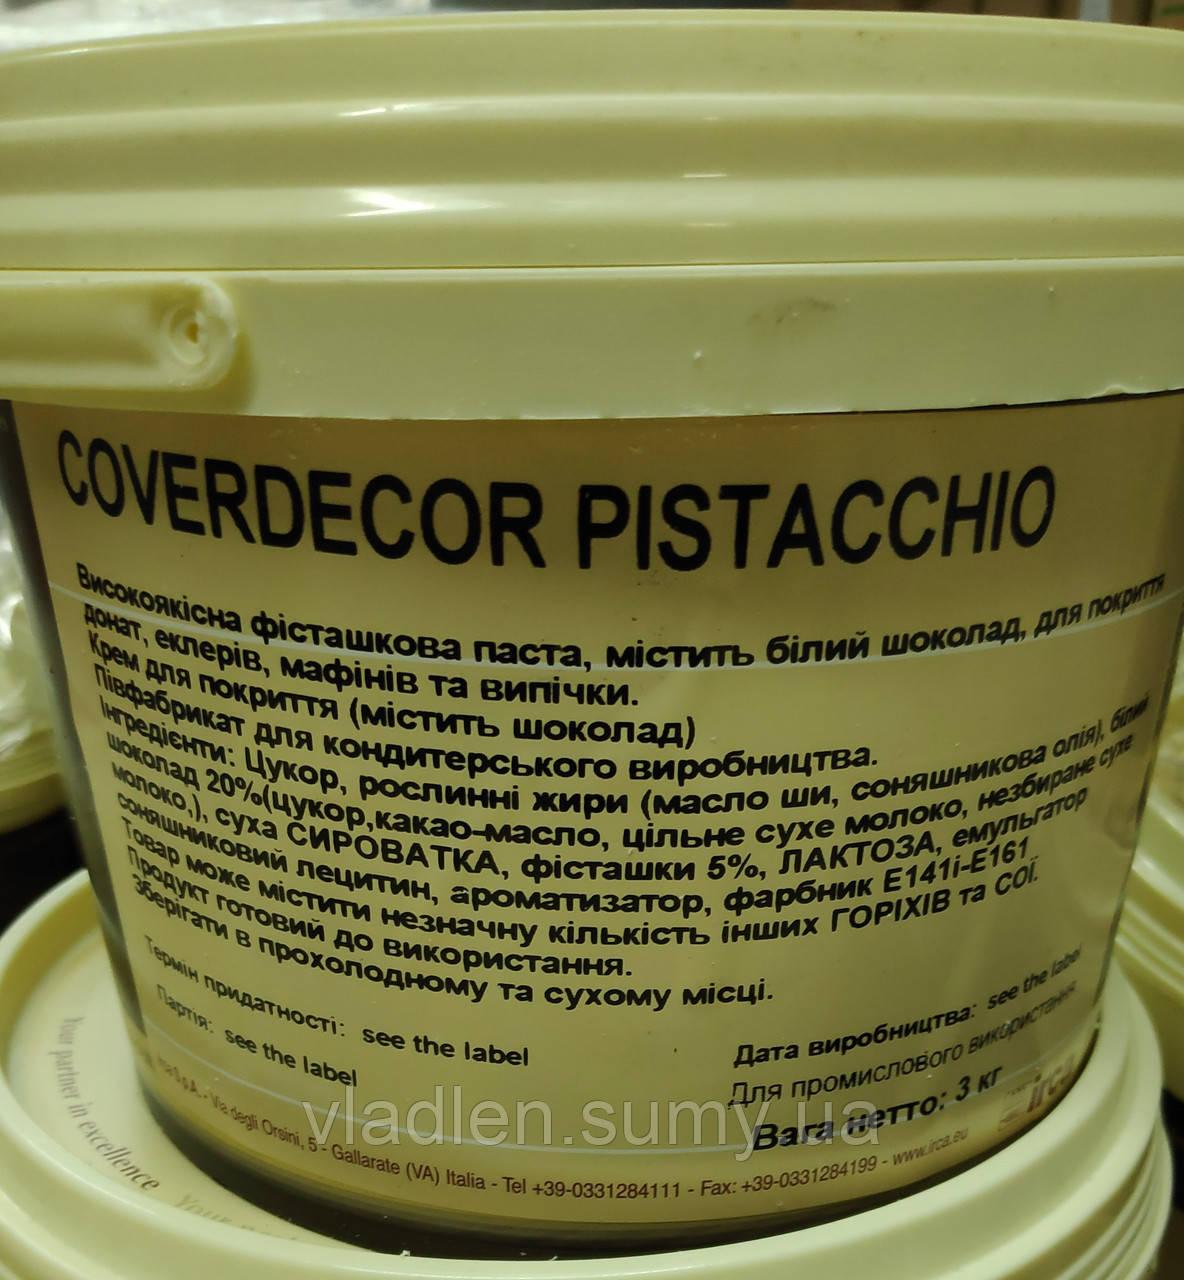 Фисташковый крем для покрытия выпечки, донатсов, эклеров (COVERDECOR  PISTACCHIO) 3кг Irca (Италия)